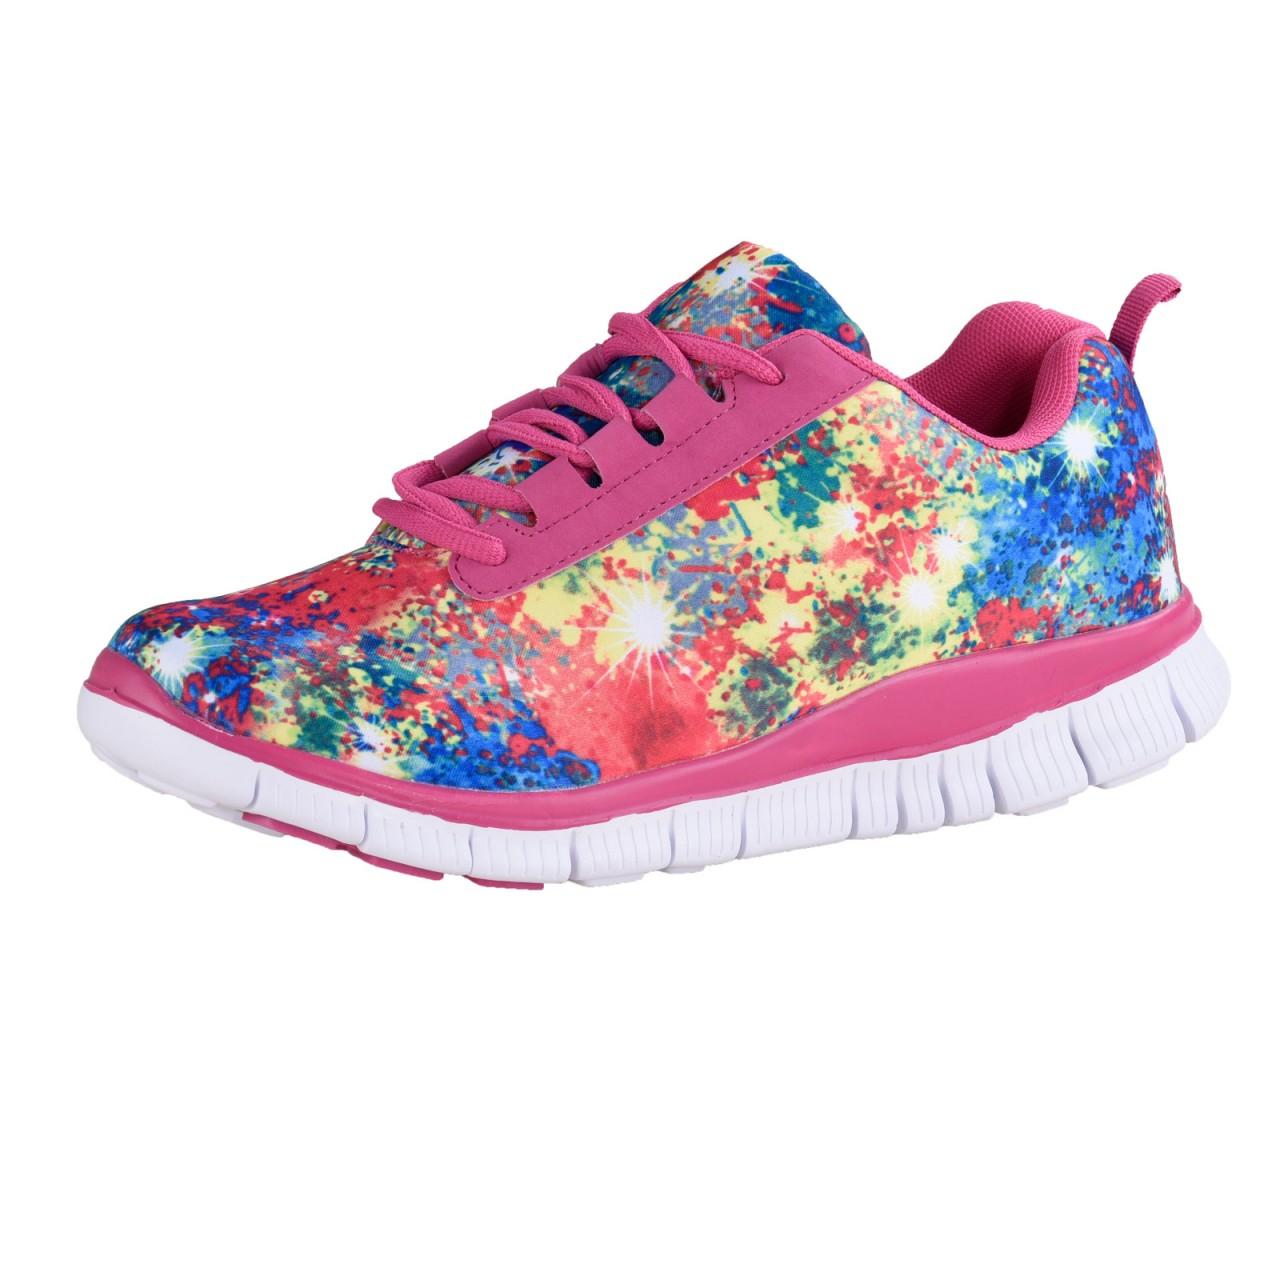 ACTION ACTIVITY Damen Seamless Leichtlauf Schuh, Pink/Multi